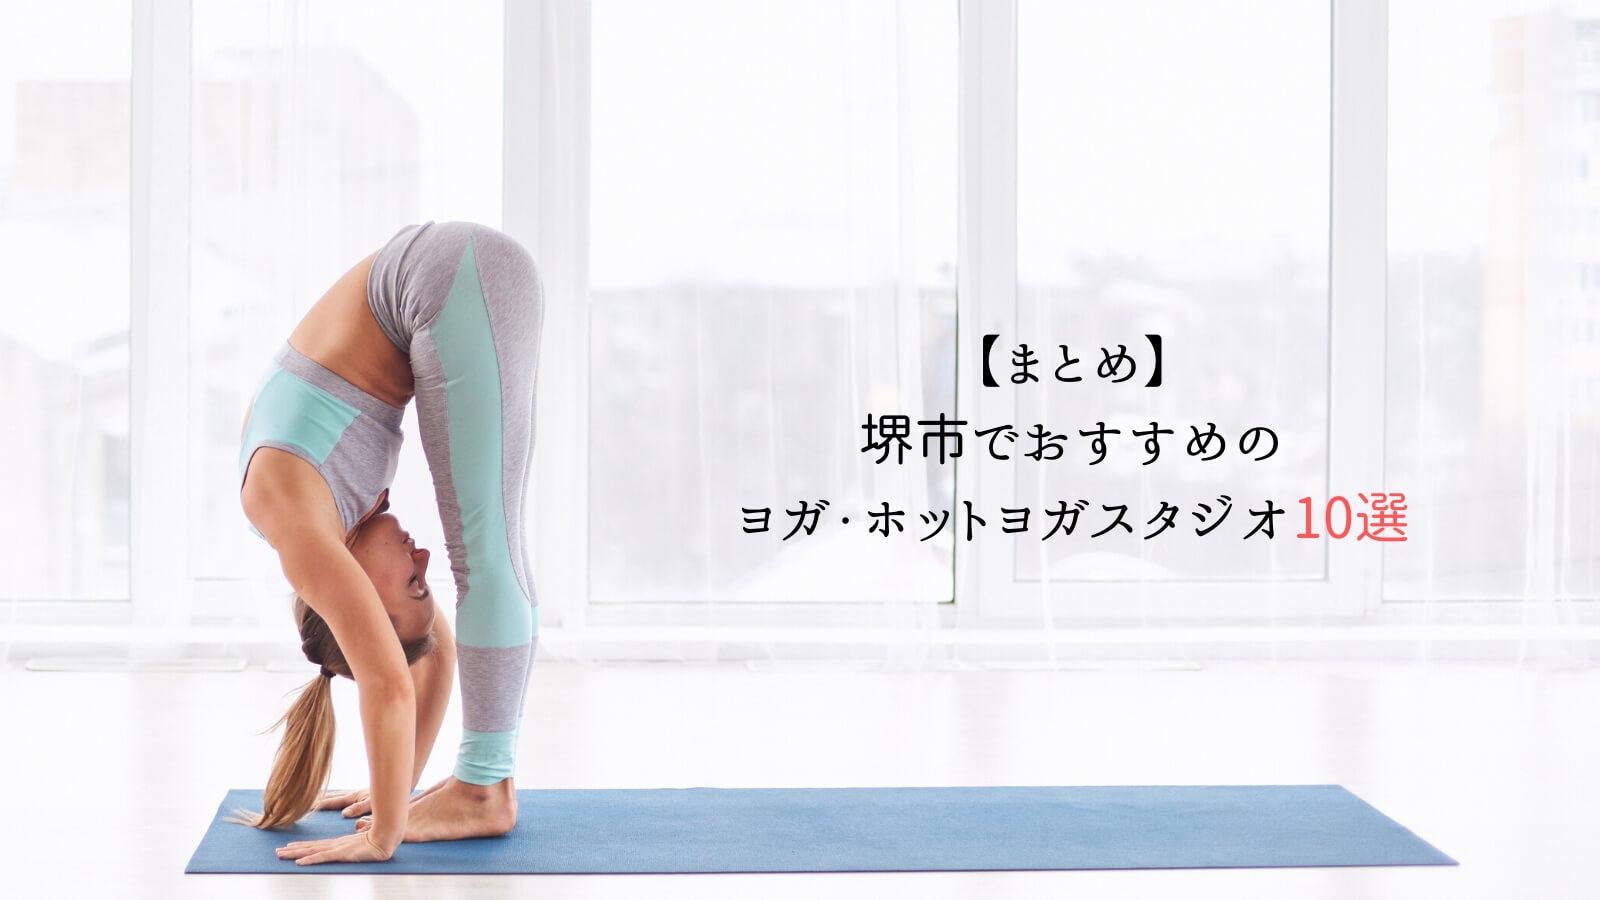 【まとめ】堺市でおすすめのヨガ・ホットヨガスタジオ10選